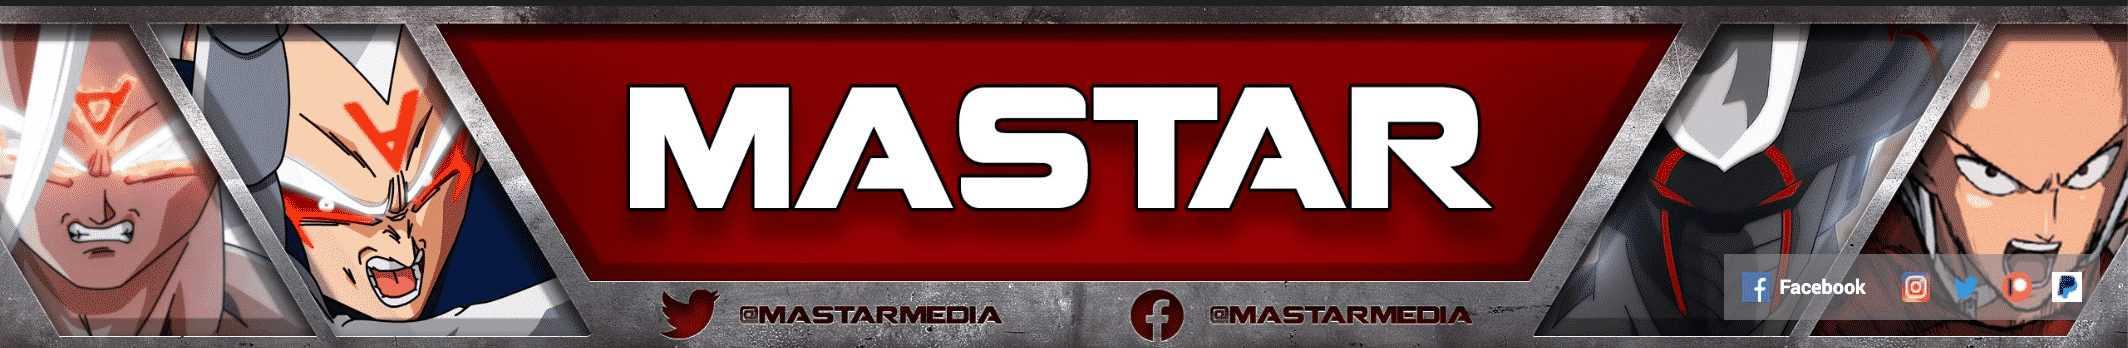 Master-media 3